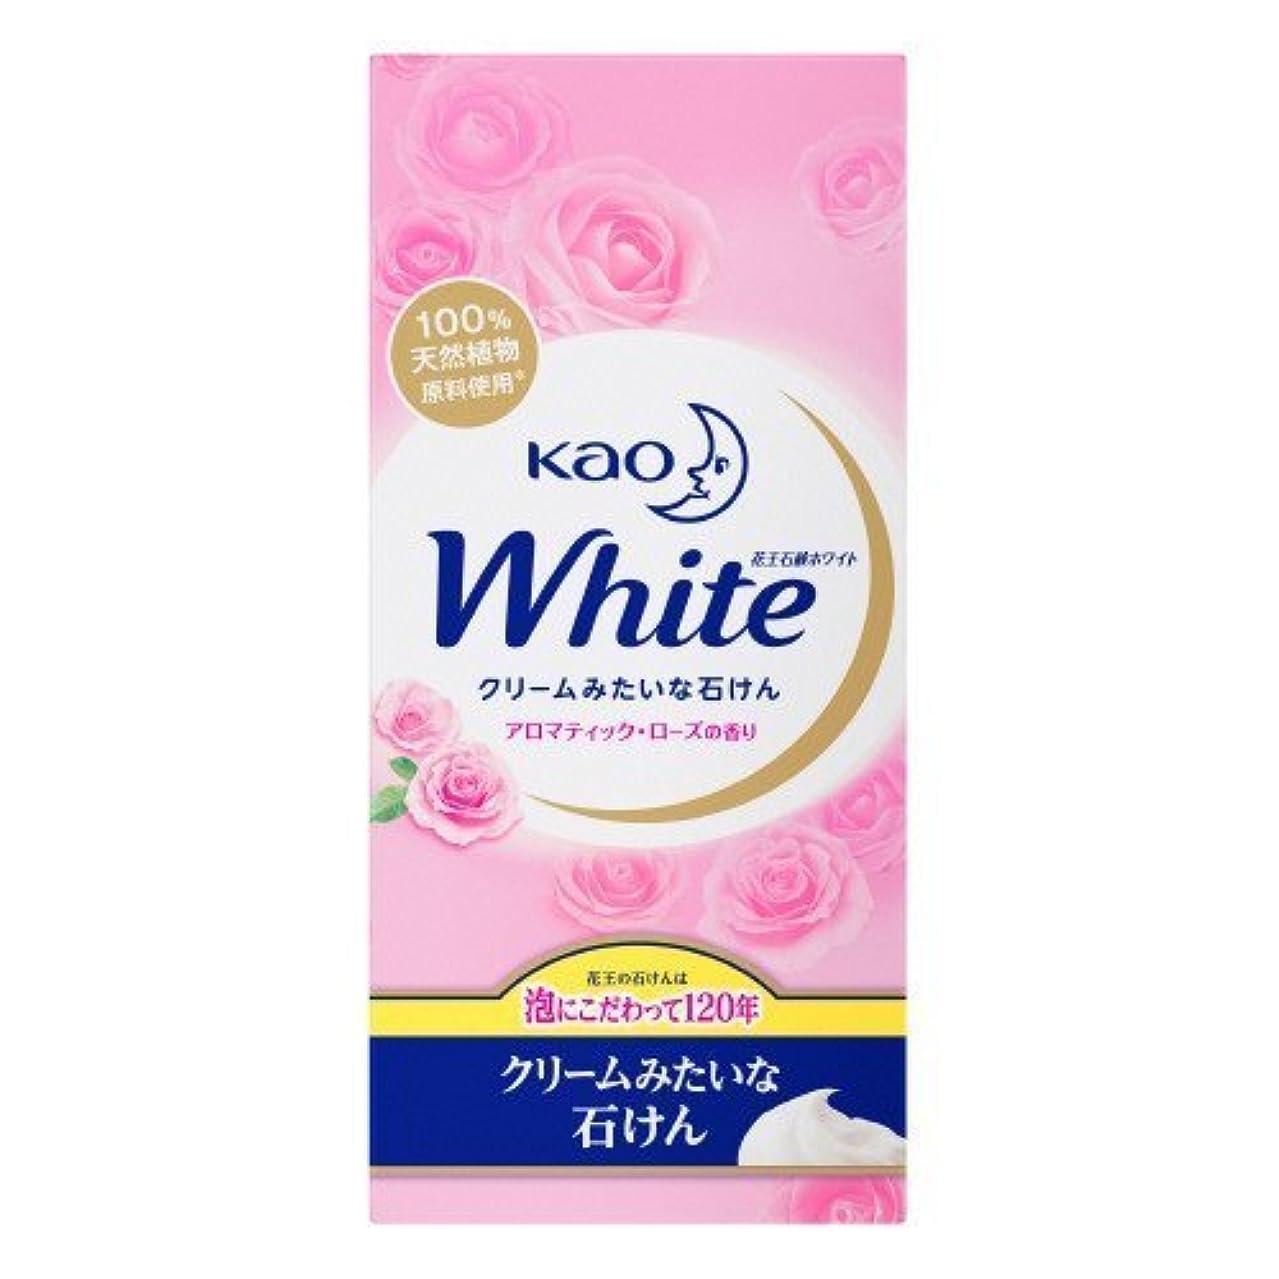 国旗億道徳教育【花王】花王ホワイト アロマティックローズの香りレギュラーサイズ (85g×6個) ×10個セット